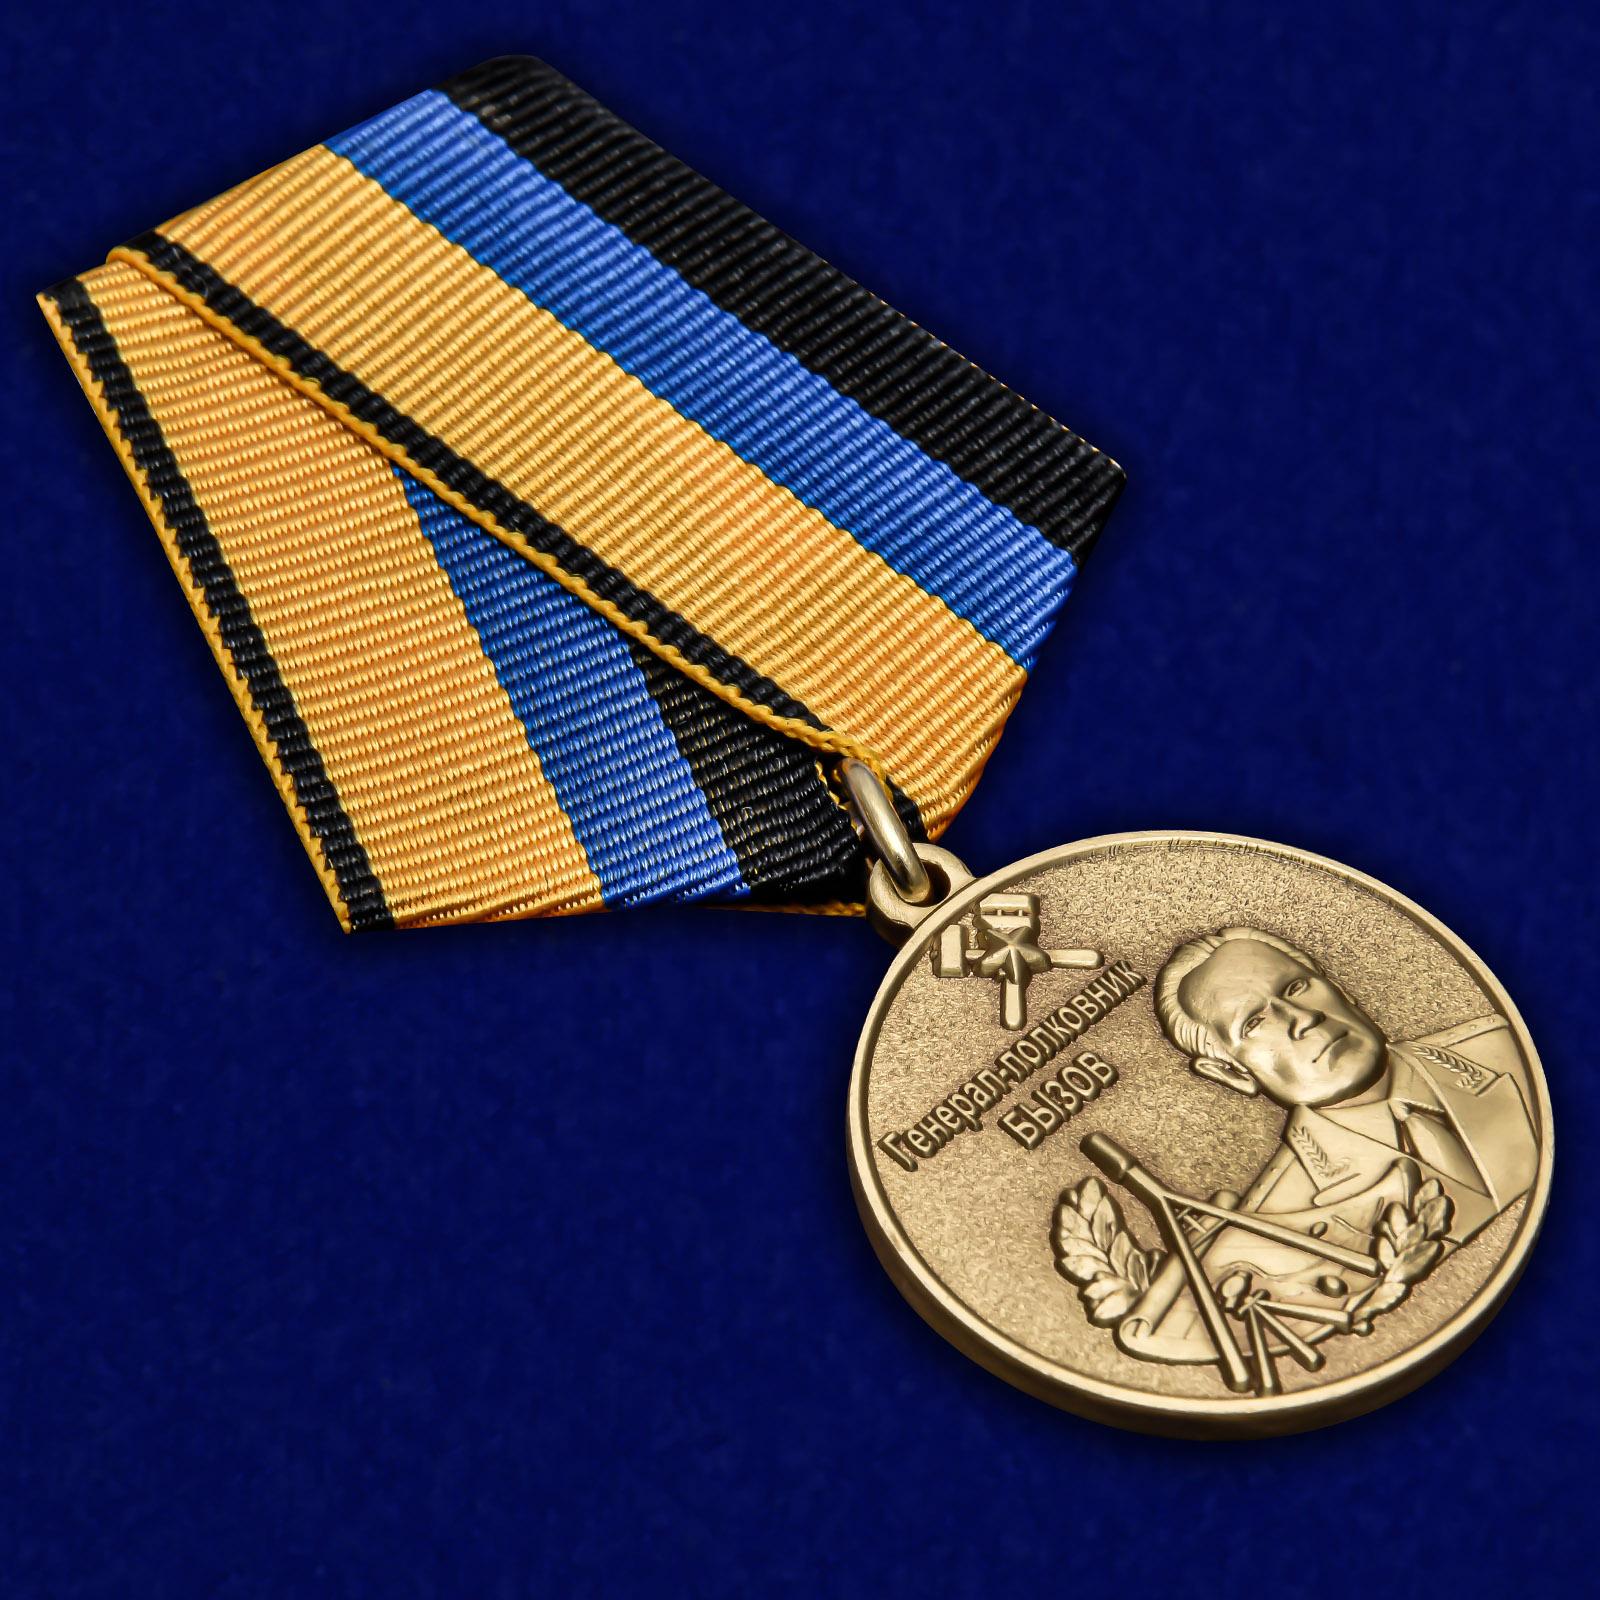 Наградная медаль Генерал-полковник Бызов МО РФ - общий вид